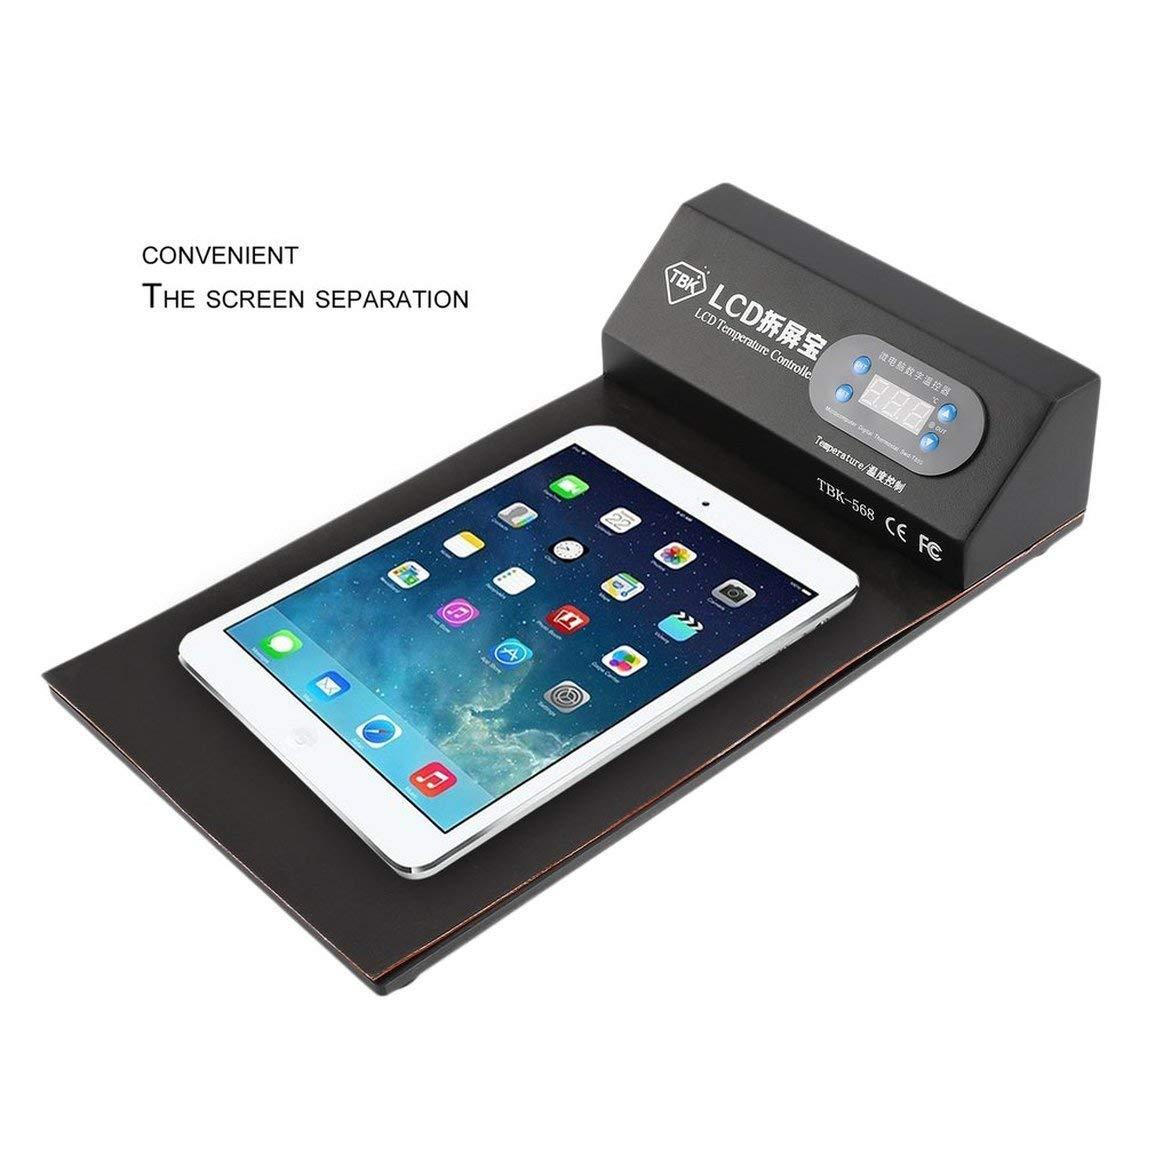 Fantasyworld TBK-568 Heizwerk LCD Handy Touch Screen /öffnen Remover Separator Kit LCD Separate Maschine Reparatur-Werkzeug f/ür Telefon-Tablette